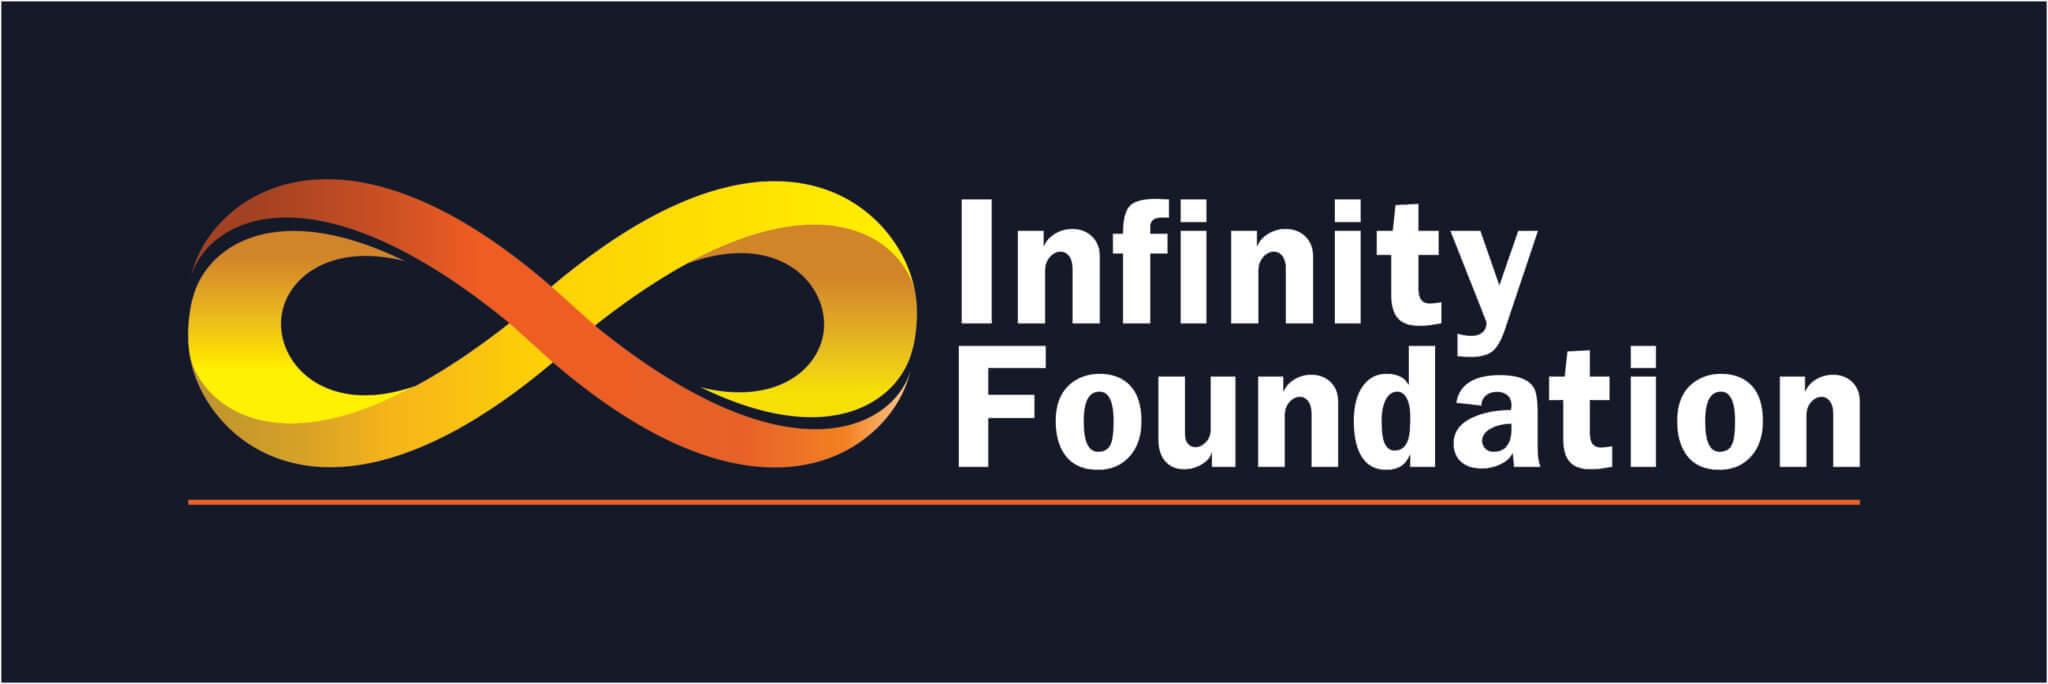 Infinity Foundation logo.jpg